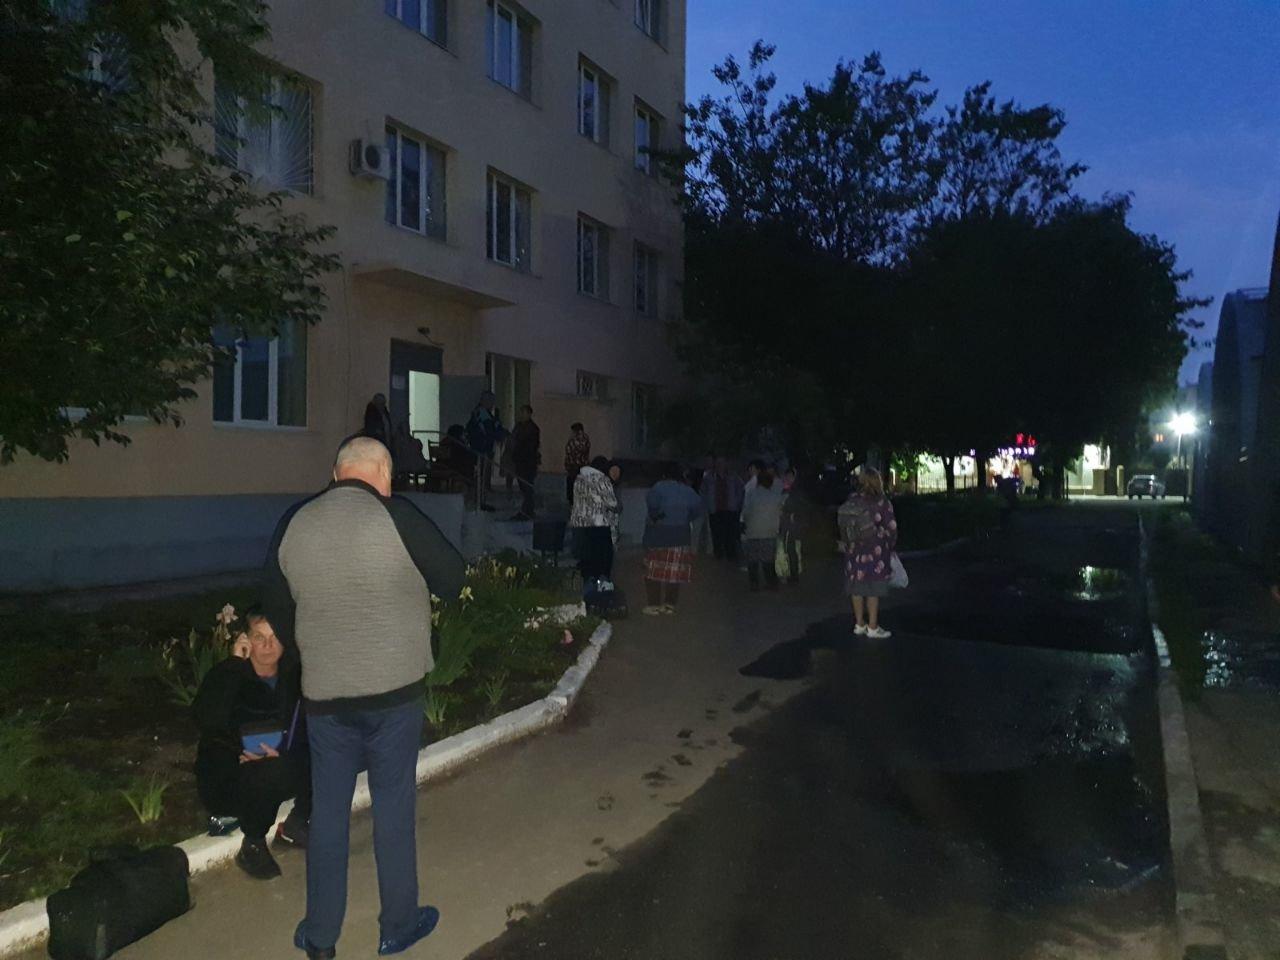 На Харьковщине из-за сильного задымления спасатели эвакуировали девять пациентов больницы, - ФОТО, фото-1